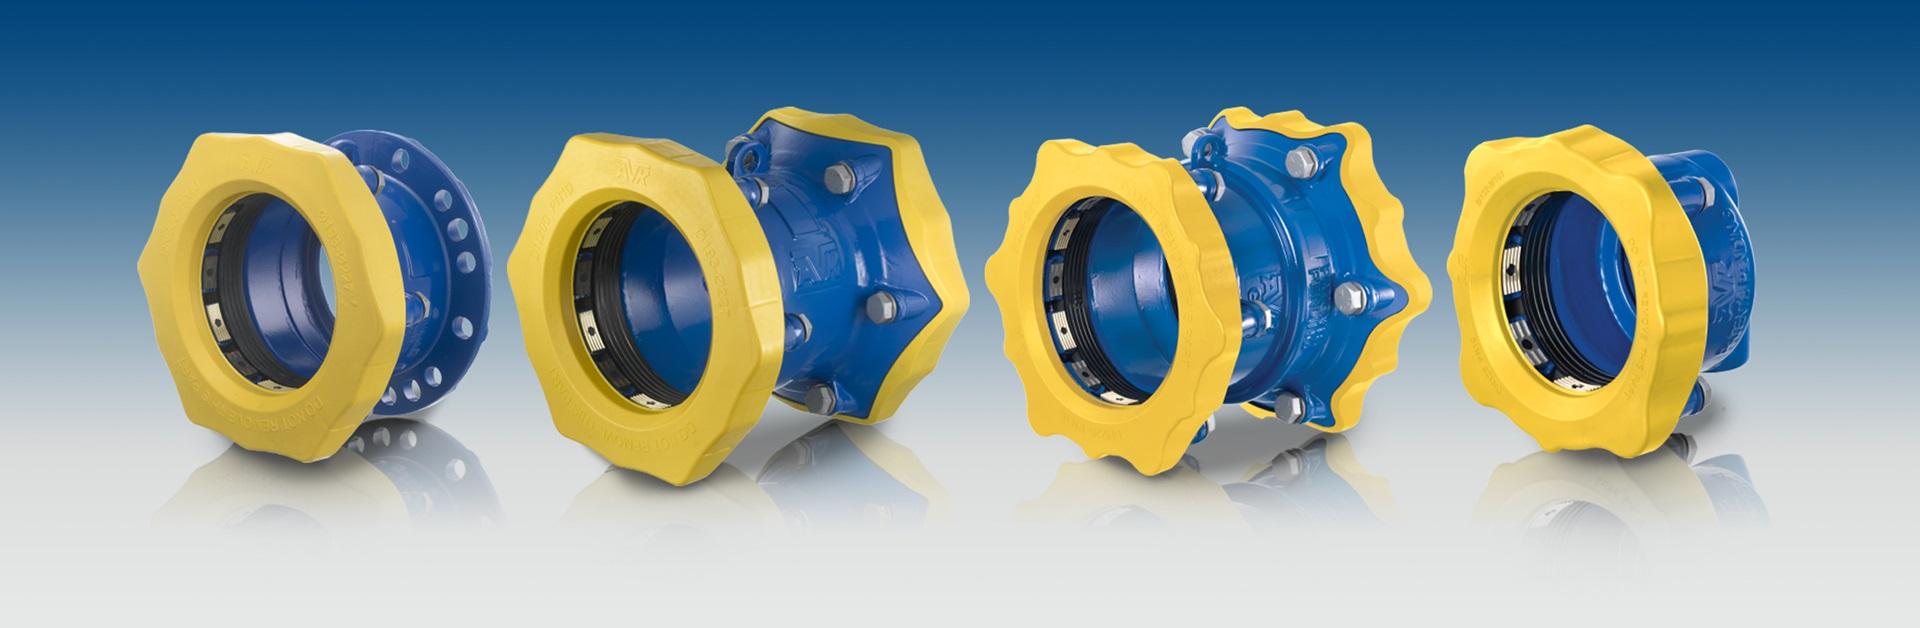 Supa Maxi™ trækfaste universale koblinger til gasforsyning